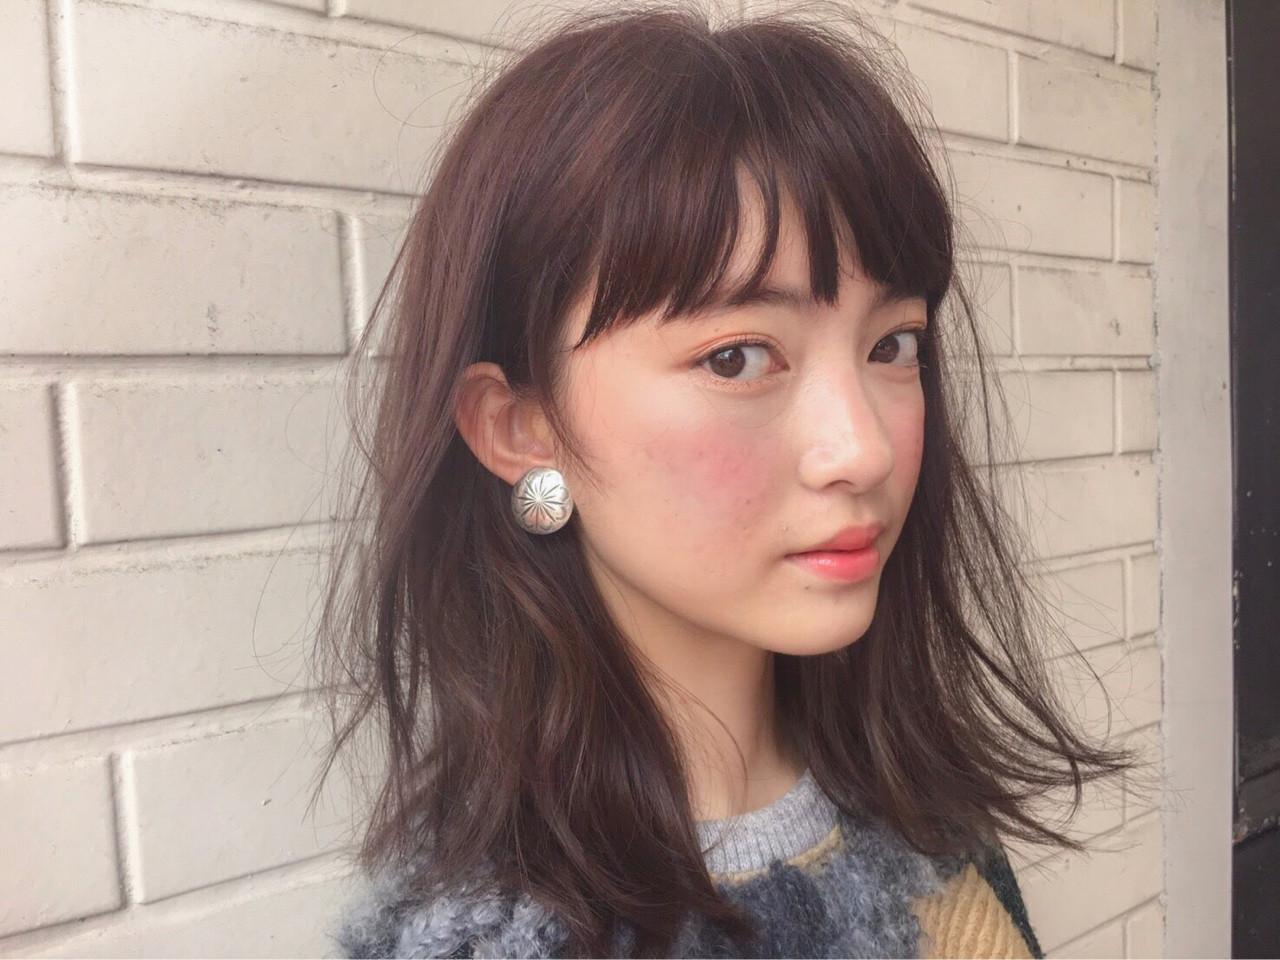 パーマ インナーカラー ミディアム モード ヘアスタイルや髪型の写真・画像 | lora.garden 細田真吾 / lora.garden